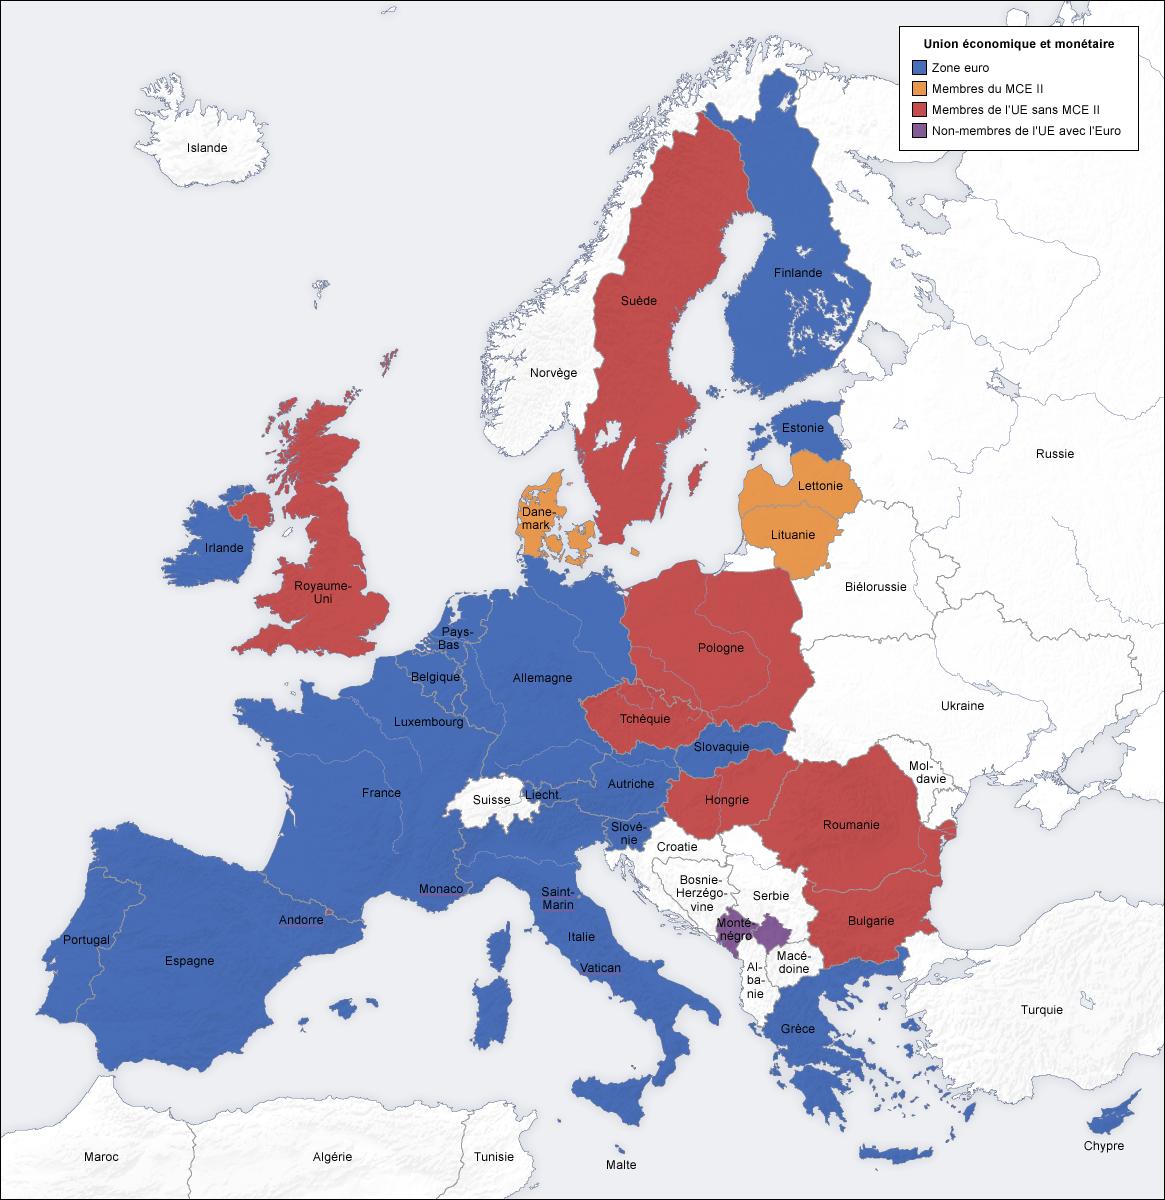 carte eurozone zone euro